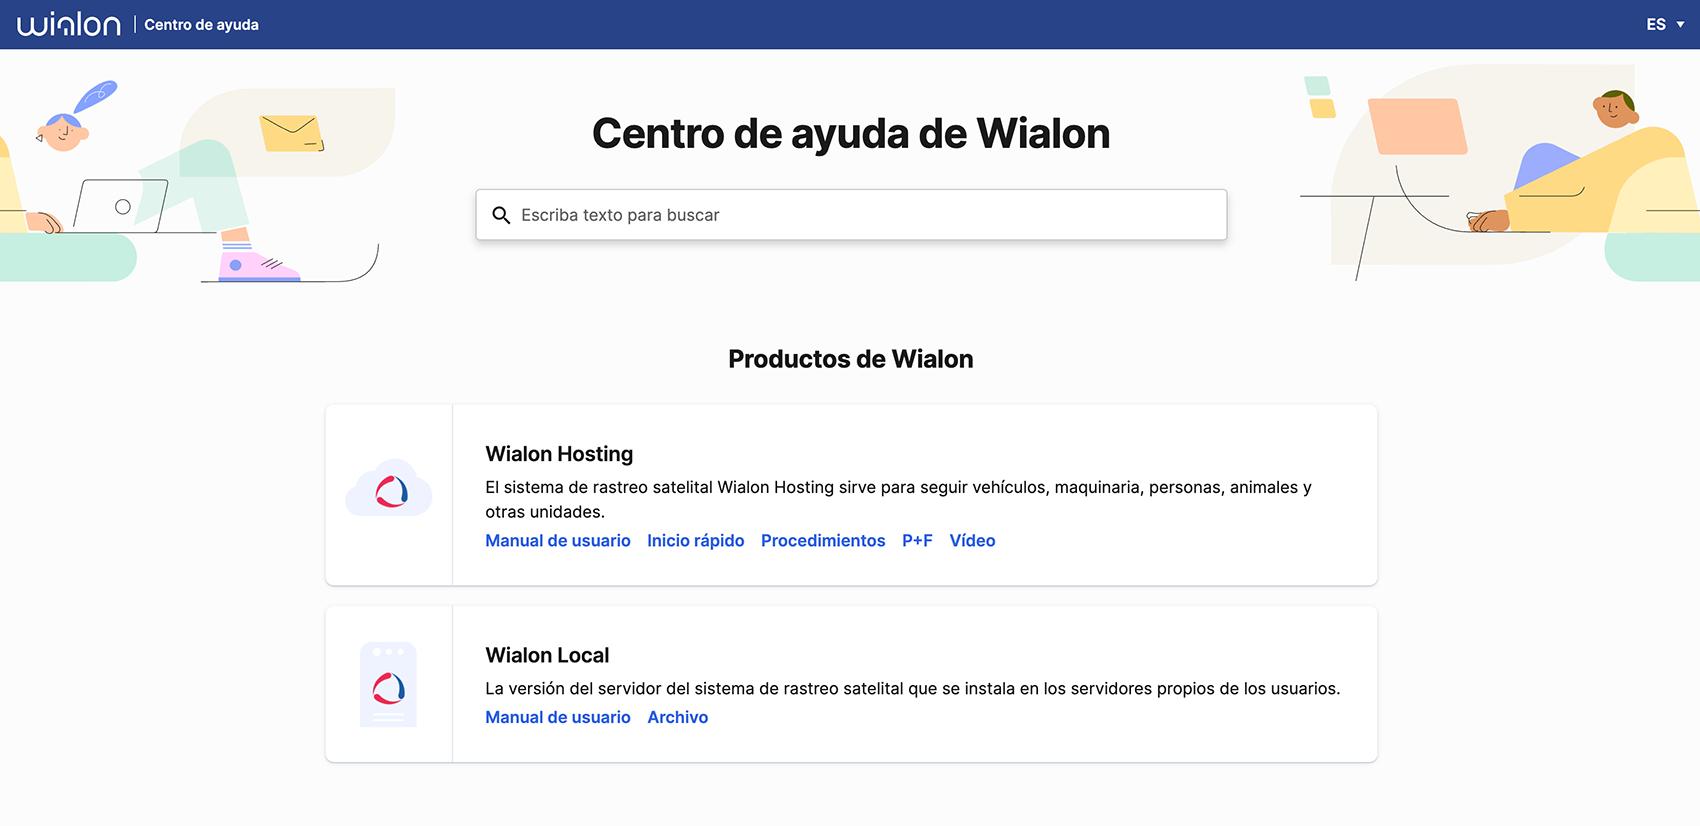 Centro de ayuda de Wialon